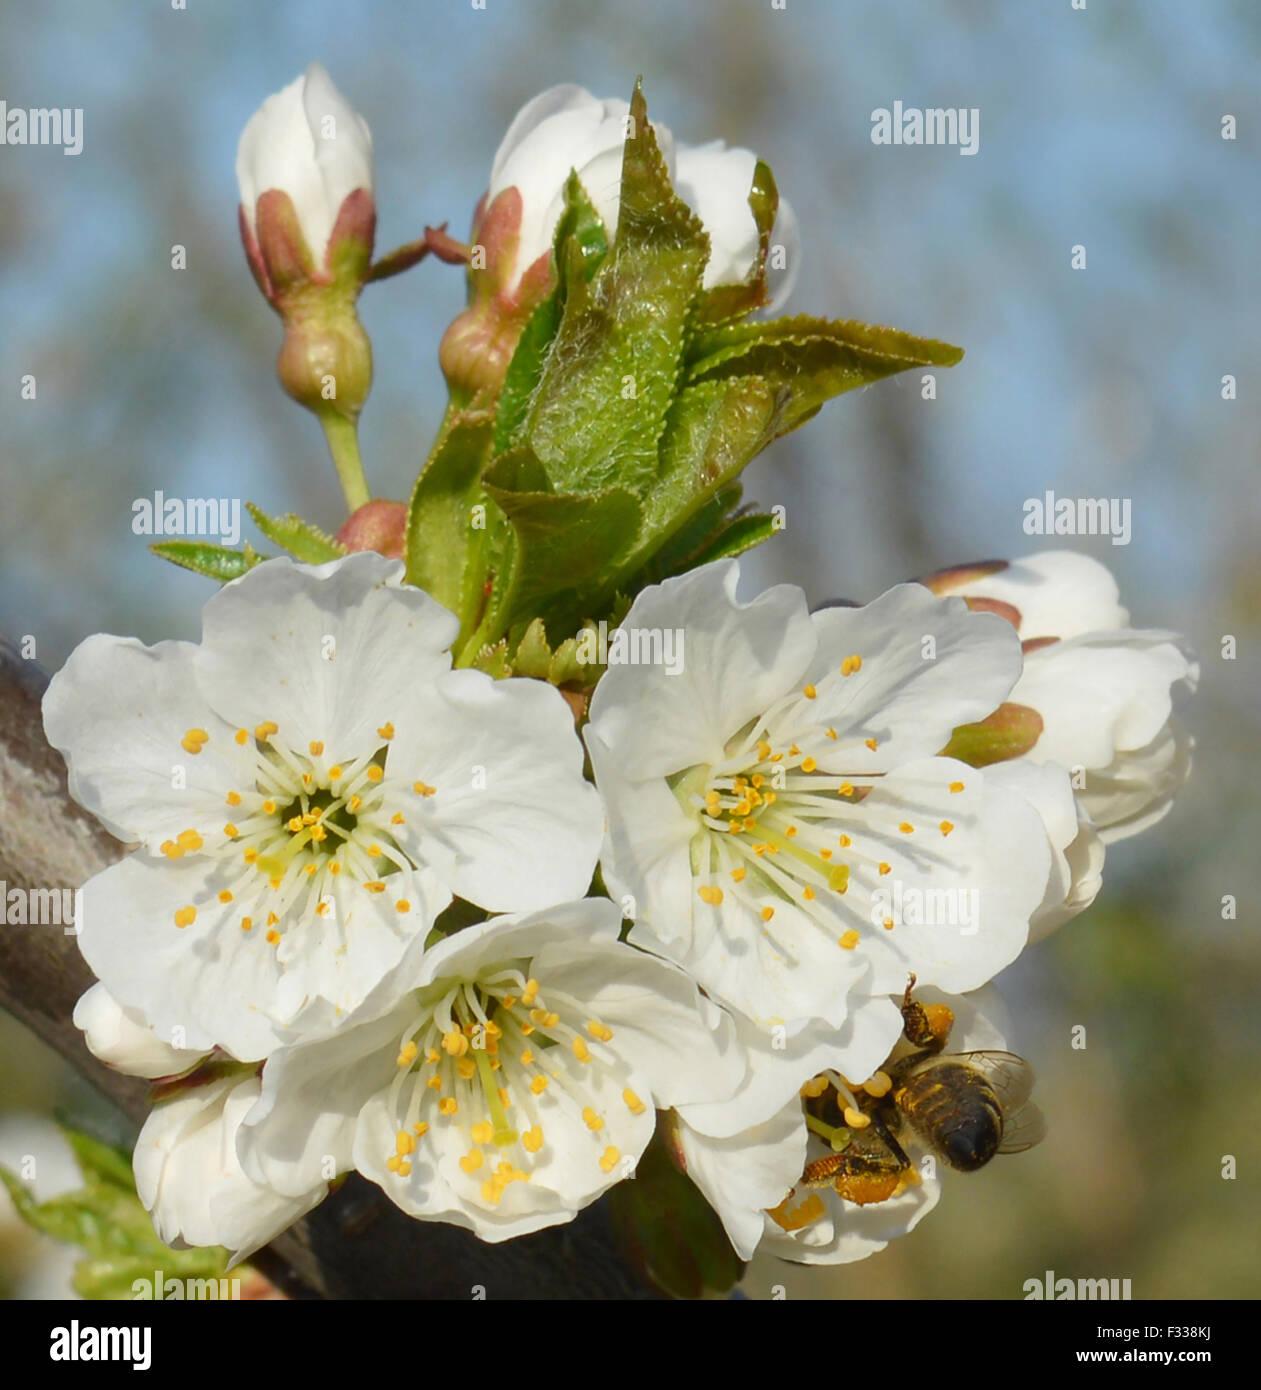 Collecte d'abeilles pollen d'une fleur blanche Banque D'Images